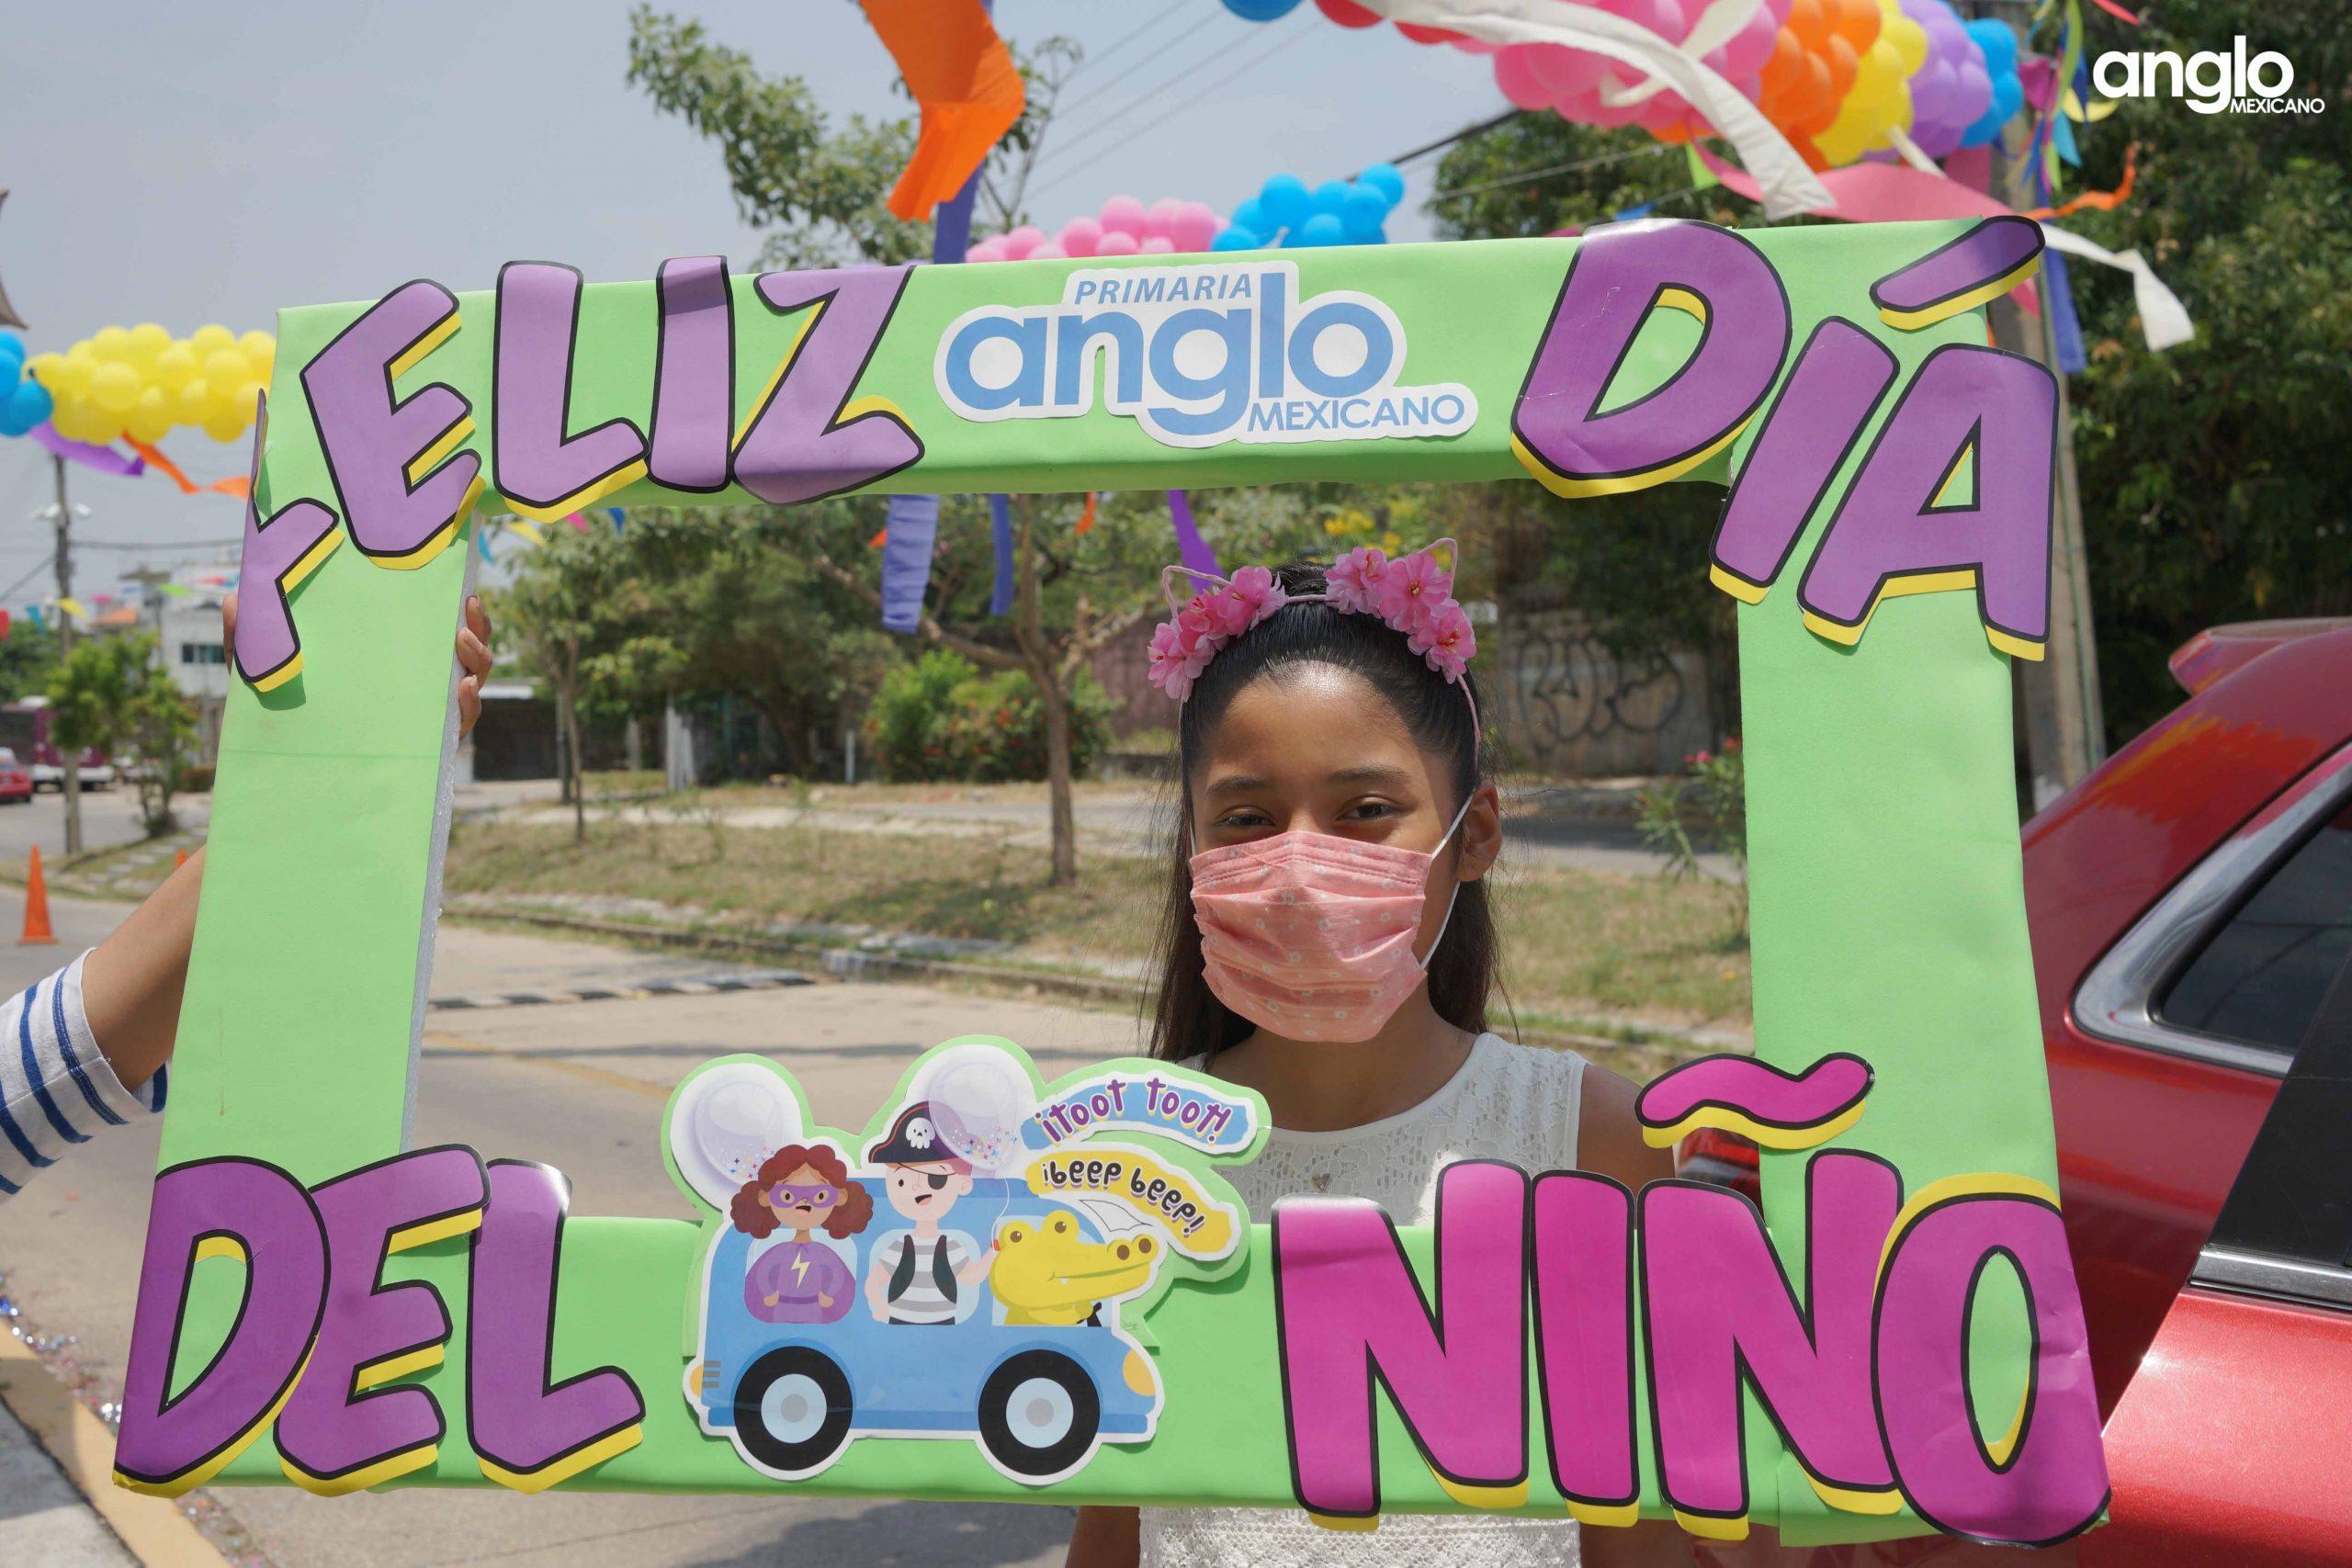 COLEGIO ANGLO MEXICANO DE COATZACOALCOS-2021-DIA DEL NIÑO-043